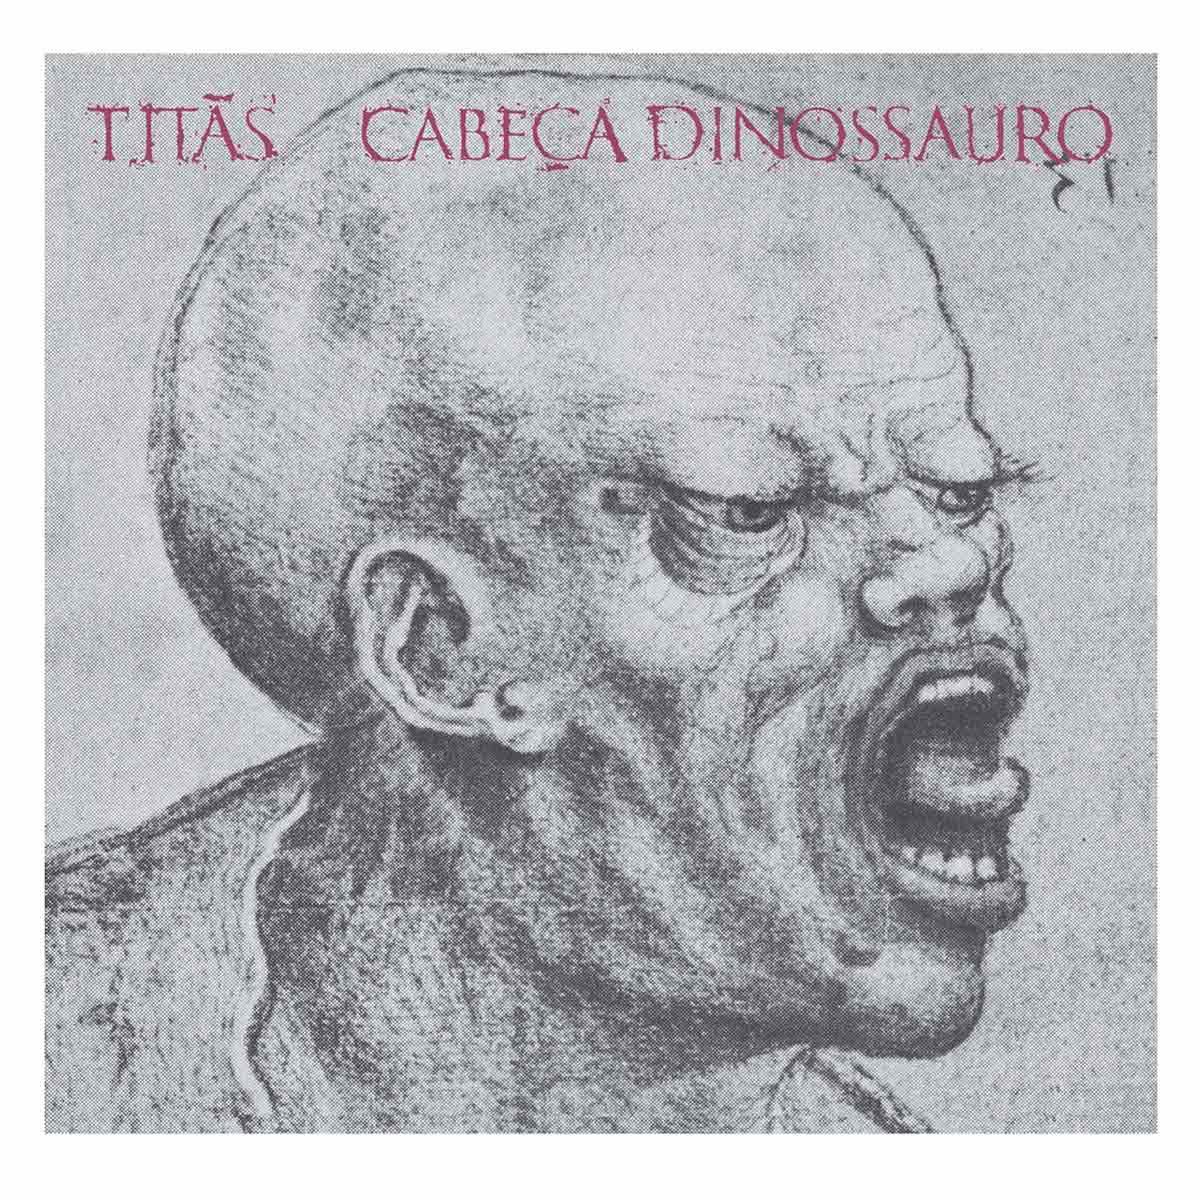 LP Titãs Cabeça Dinossauro